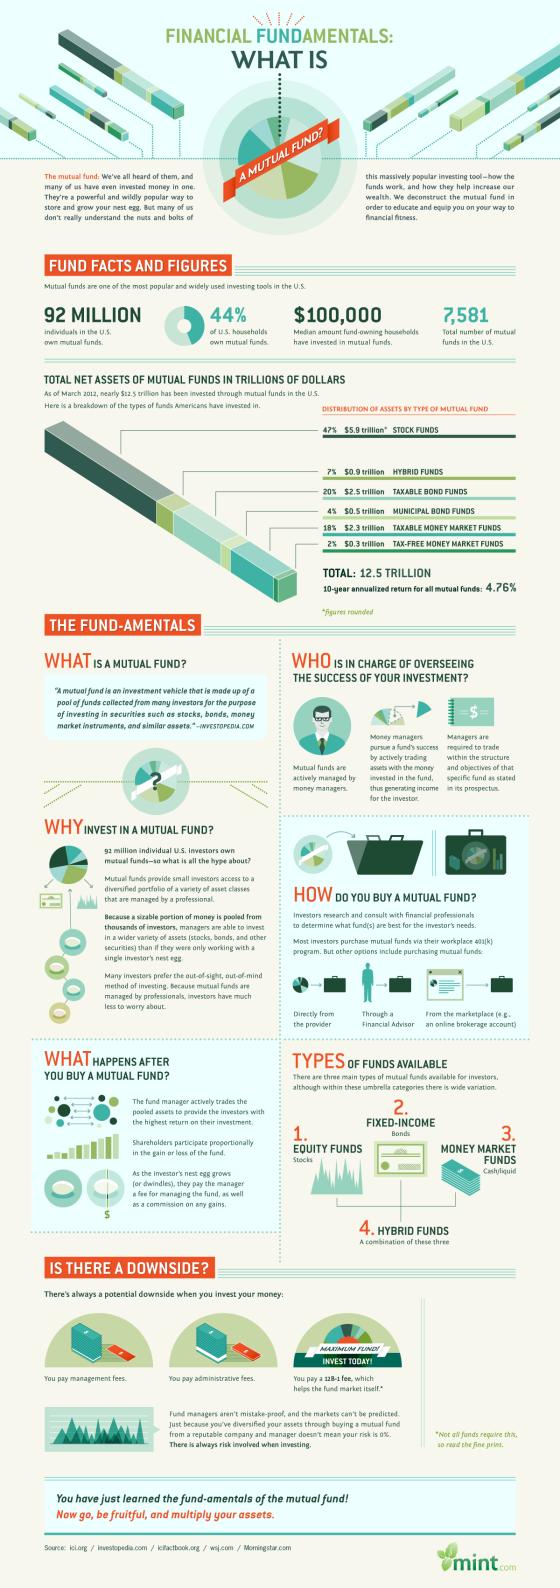 Mutual Fund-Amentals: A Visual Guide